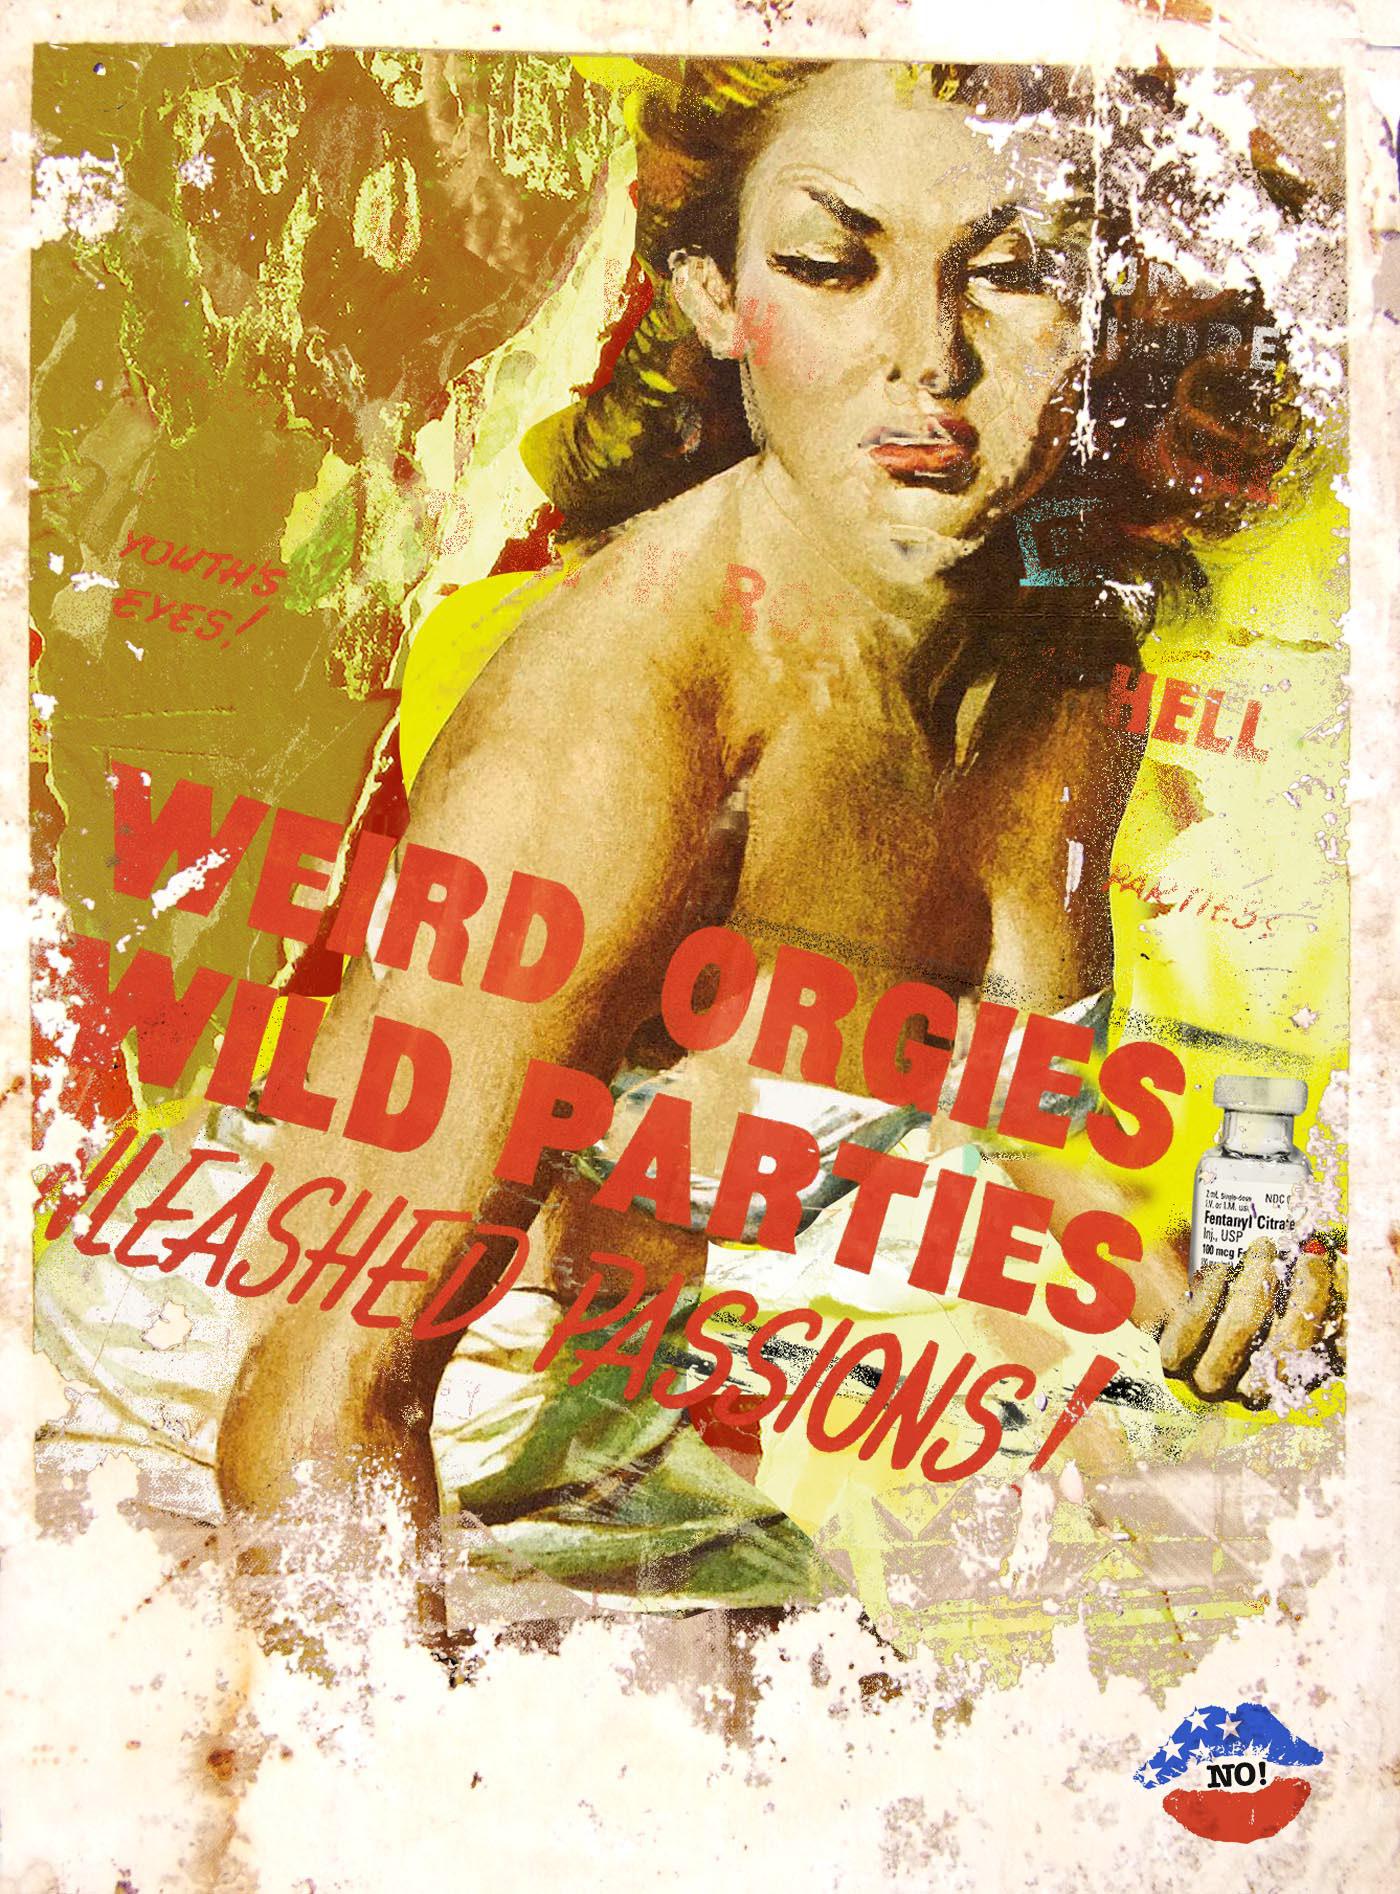 colagem collage drug abuse Drugs Editorial Illustration poster vintage Film   movie portrait